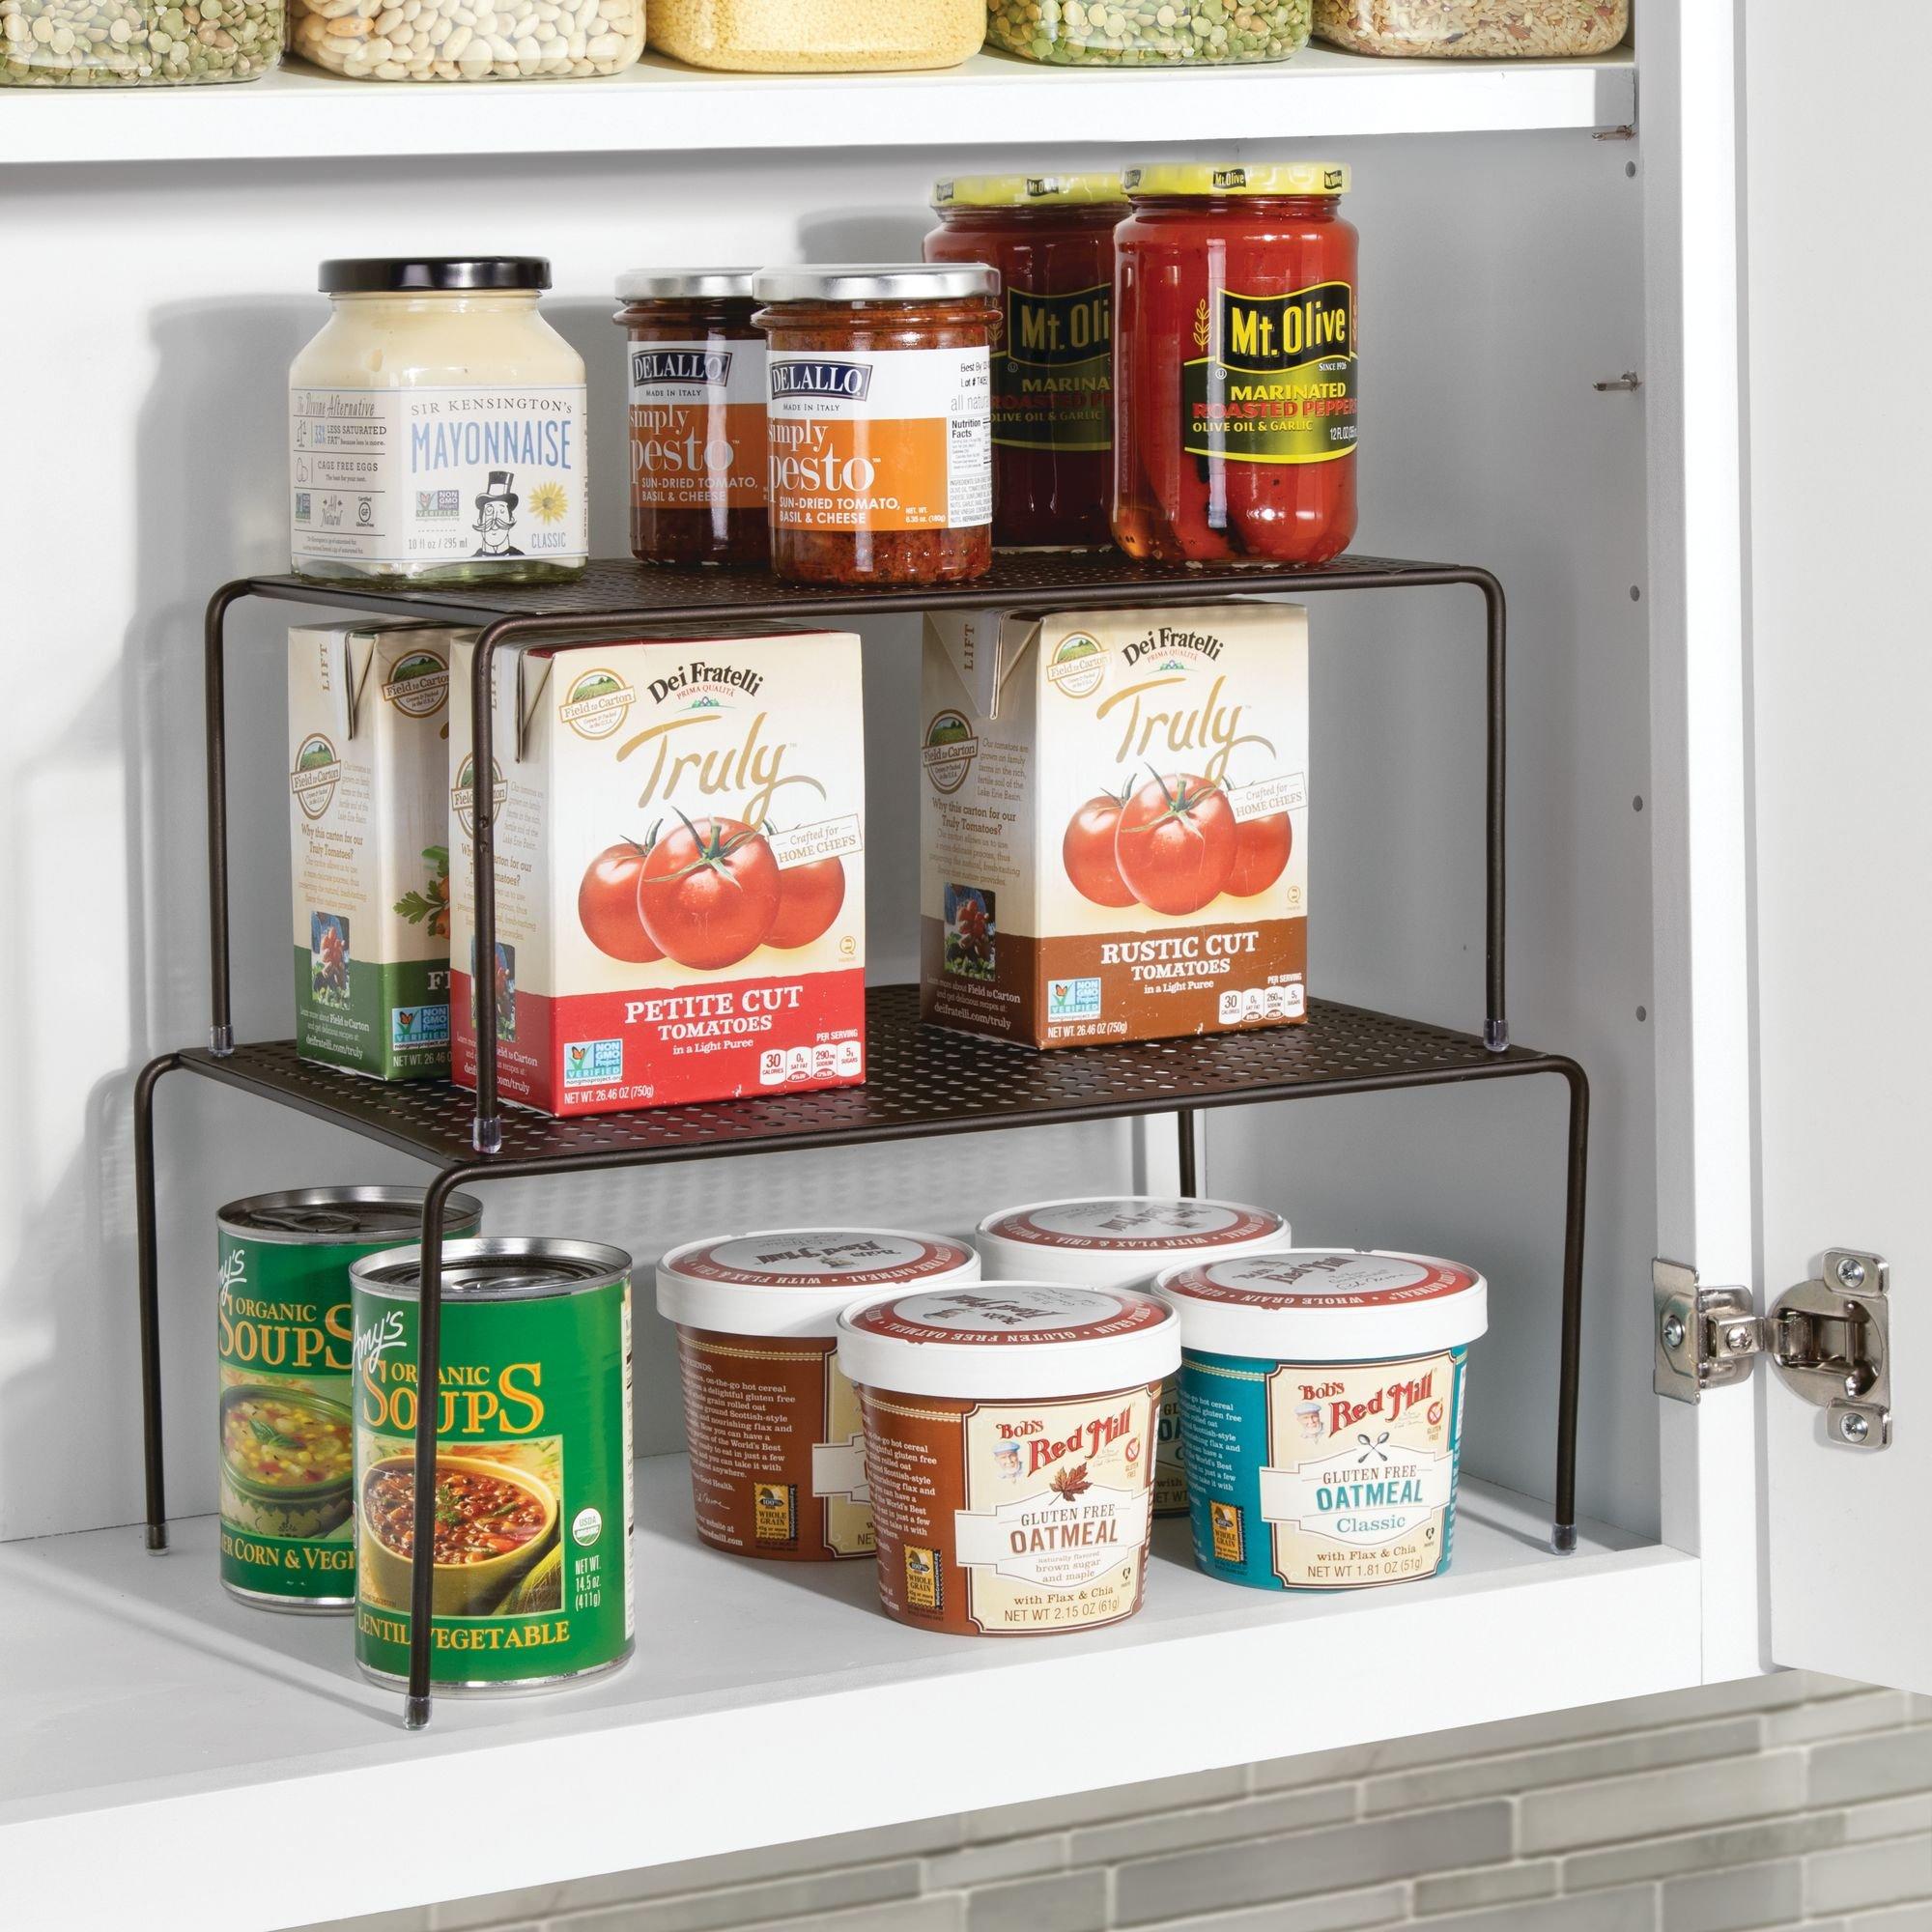 Accessori Salvaspazio Cucina.Accessori Salvaspazio Per Una Piccola Cucina Ecco 20 Idee